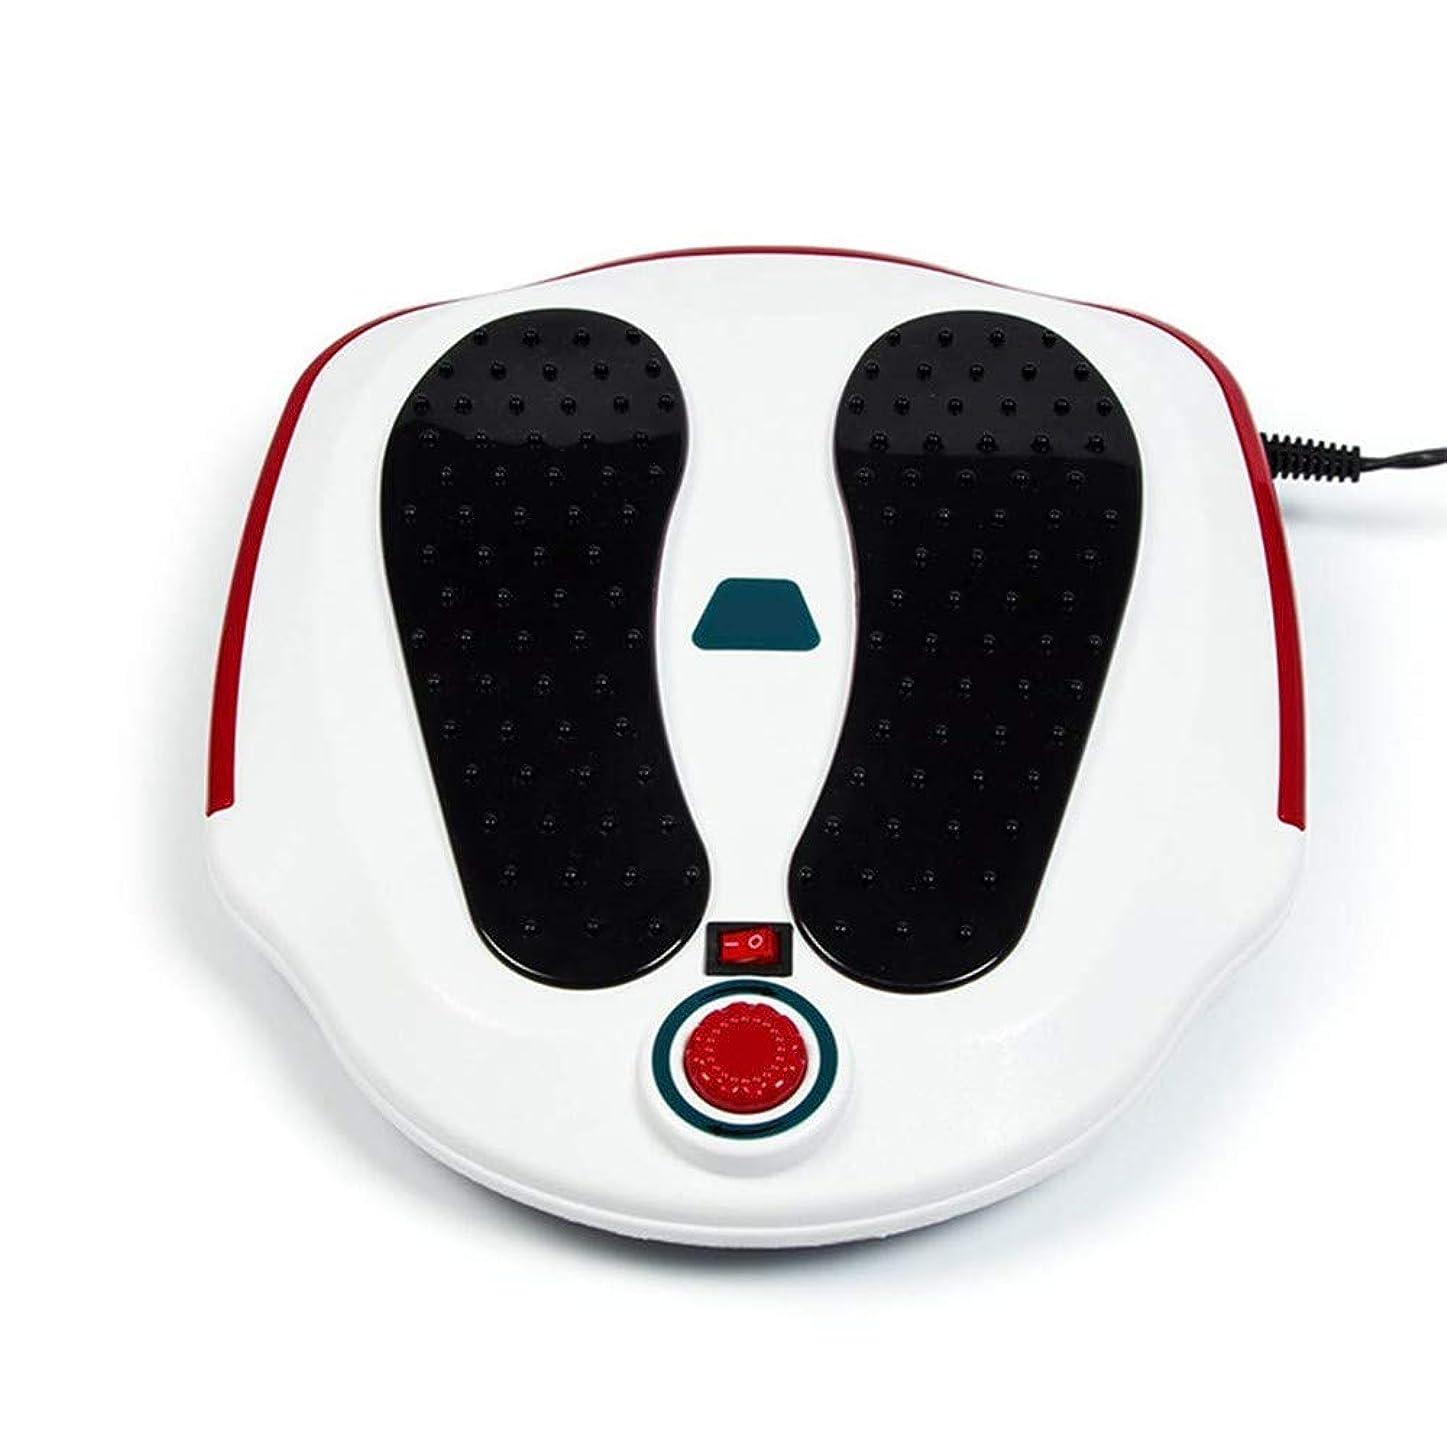 物理的に抽出シャープヘルスケア、パーソナル空気圧指圧赤外線足マッサージ用電動フットマッサージフットマッサージ機